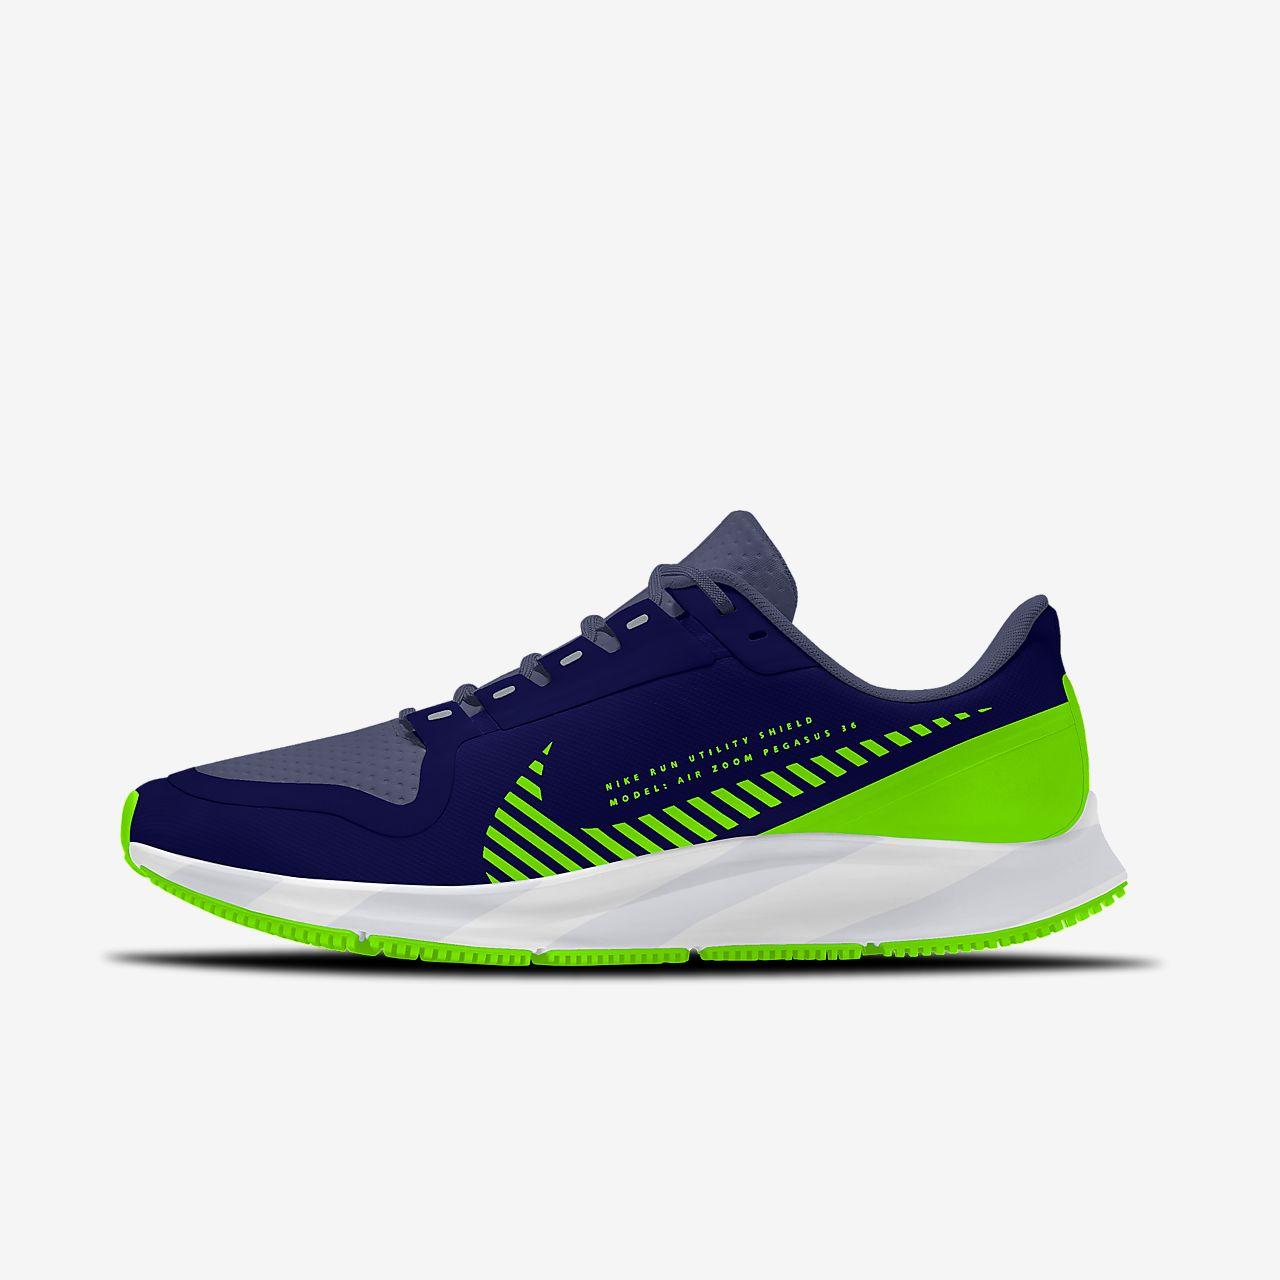 Nike Air Zoom Pegasus 36 Shield By You Custom Women's Running Shoe